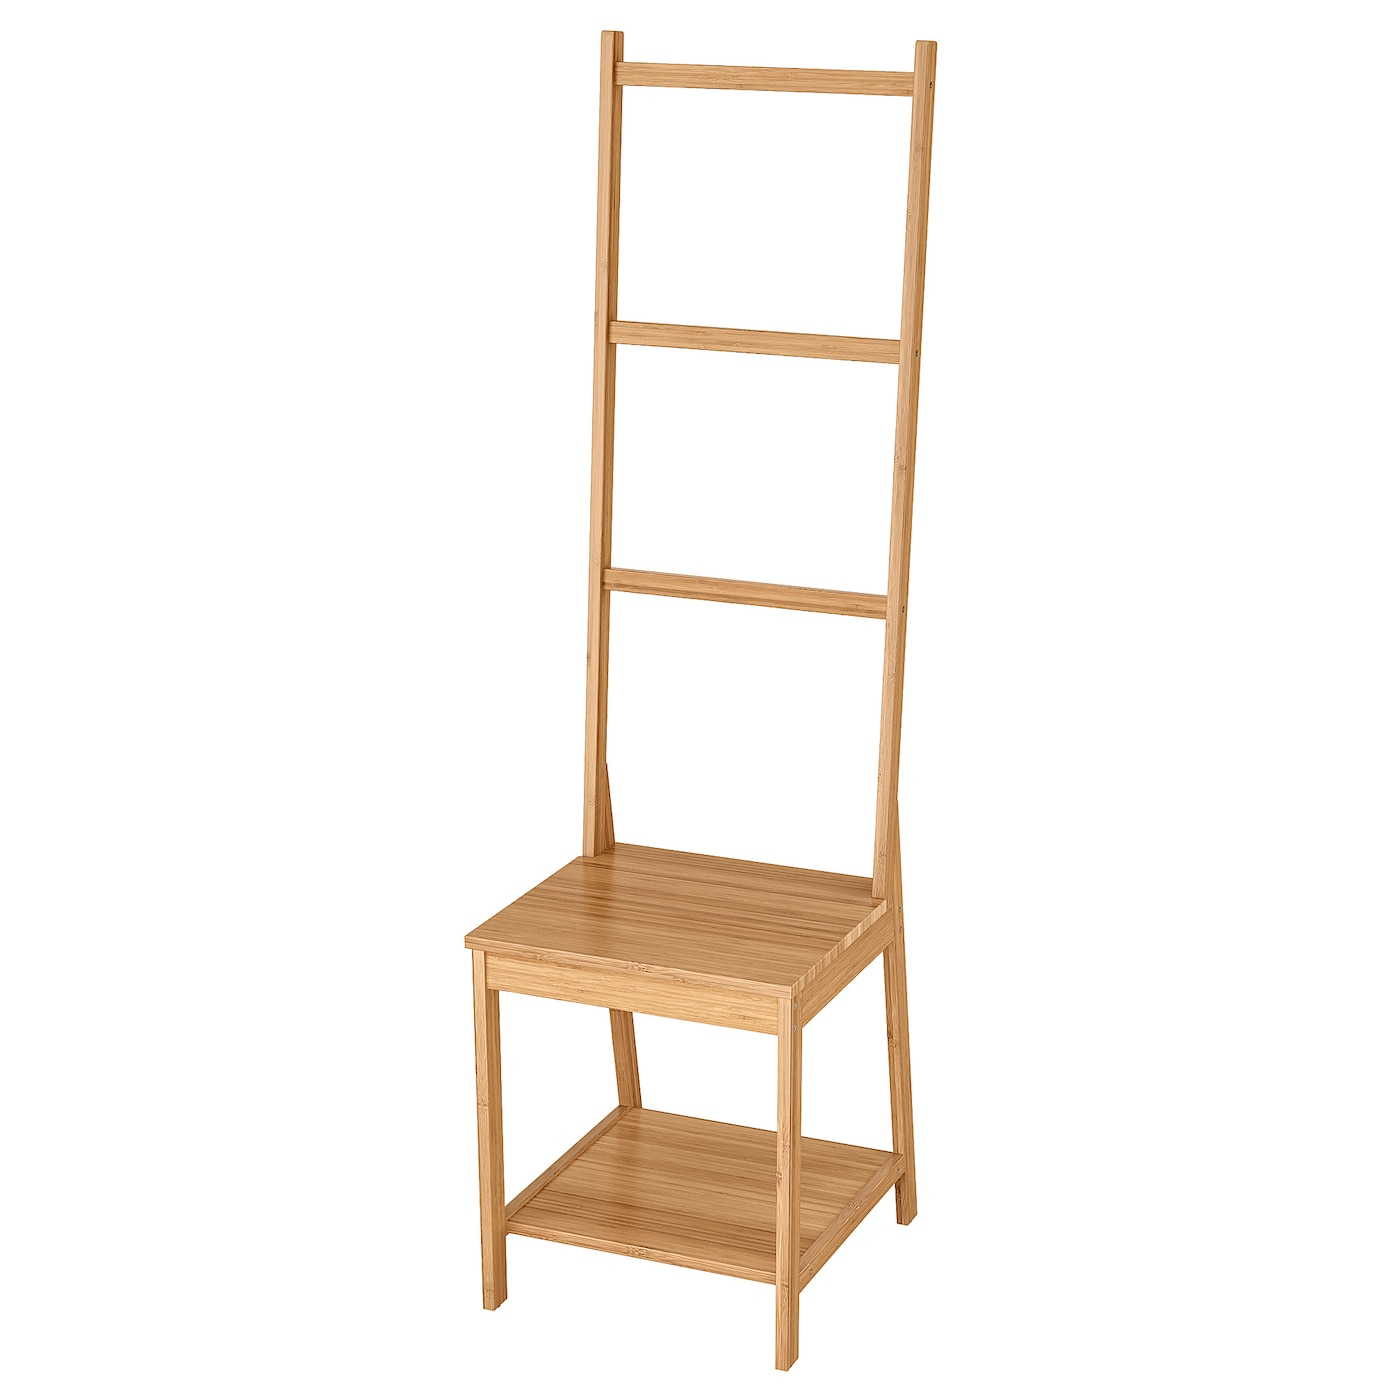 Ragrund Stuhl Mit Handtuchhalter Bambus Ikea Deutschland